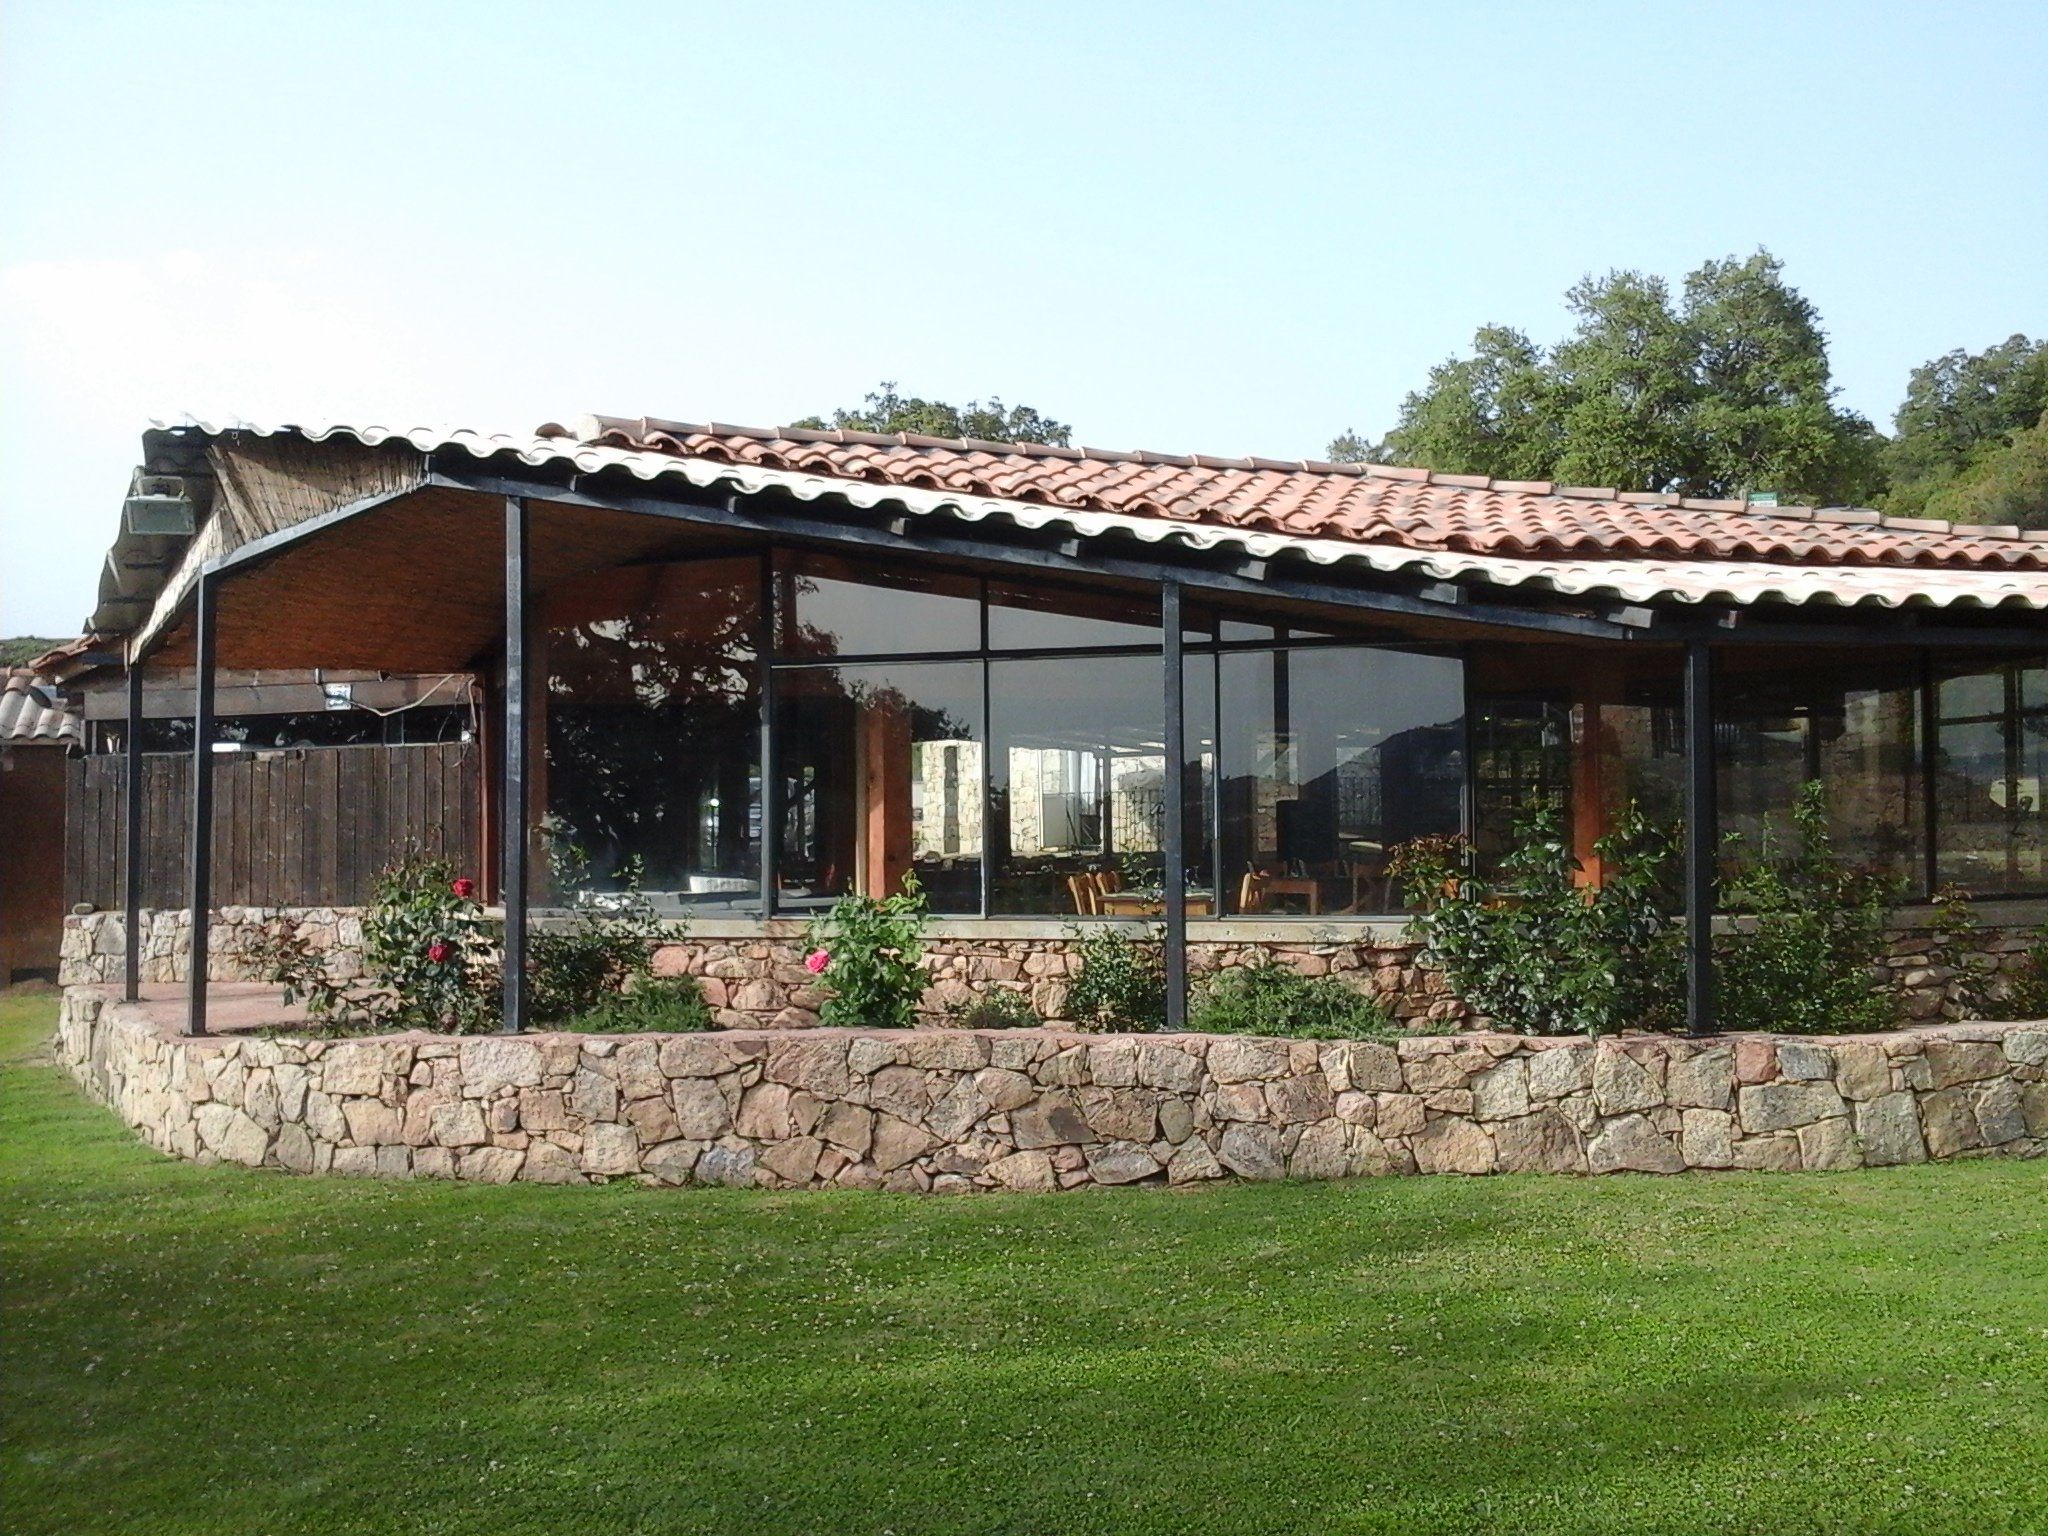 阿薩里瓦移動之家露營地